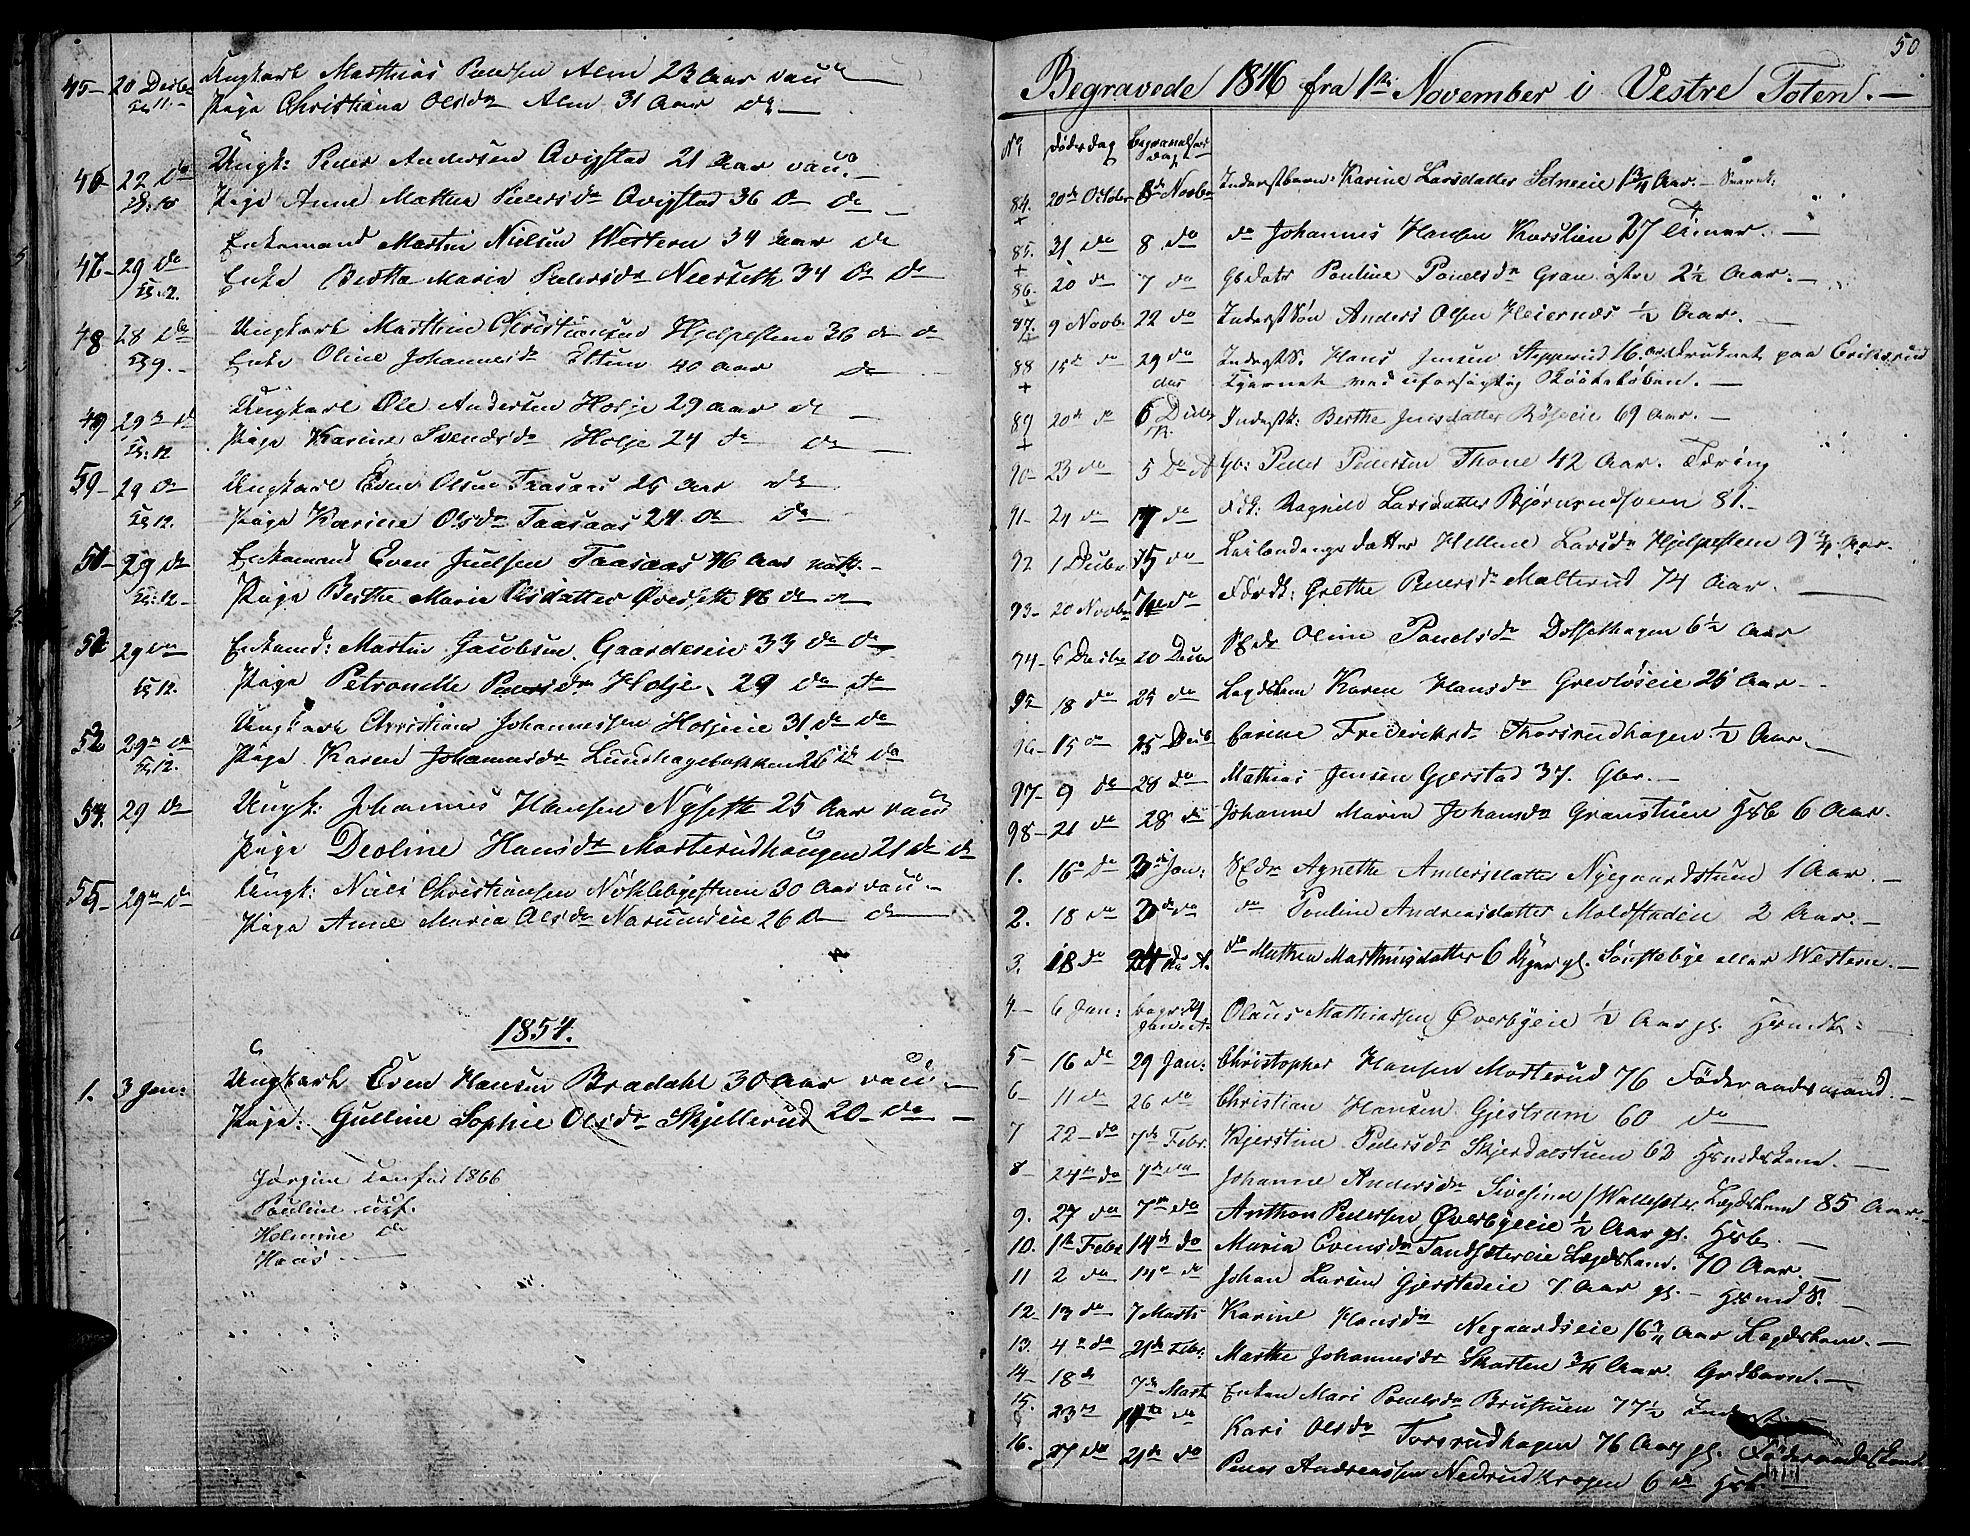 SAH, Vestre Toten prestekontor, H/Ha/Hab/L0003: Klokkerbok nr. 3, 1846-1854, s. 50